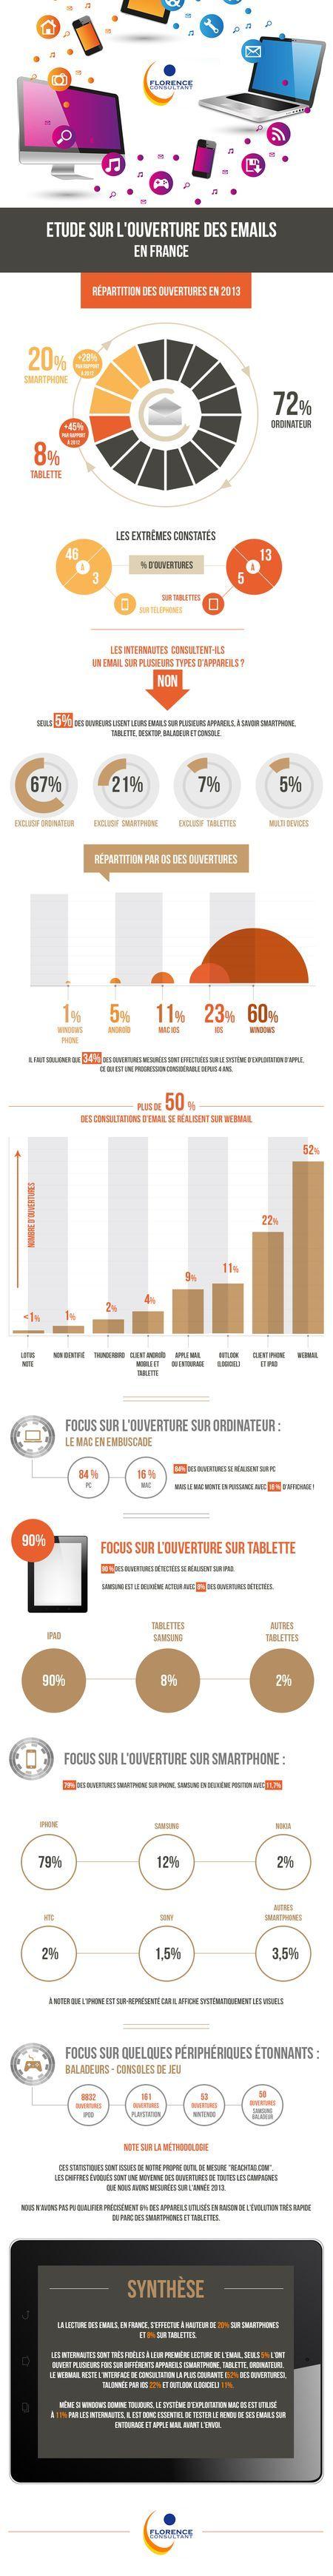 Contexte d'ouverture des emails en France. Bilan 2013 #EmailMarketing #Infographie